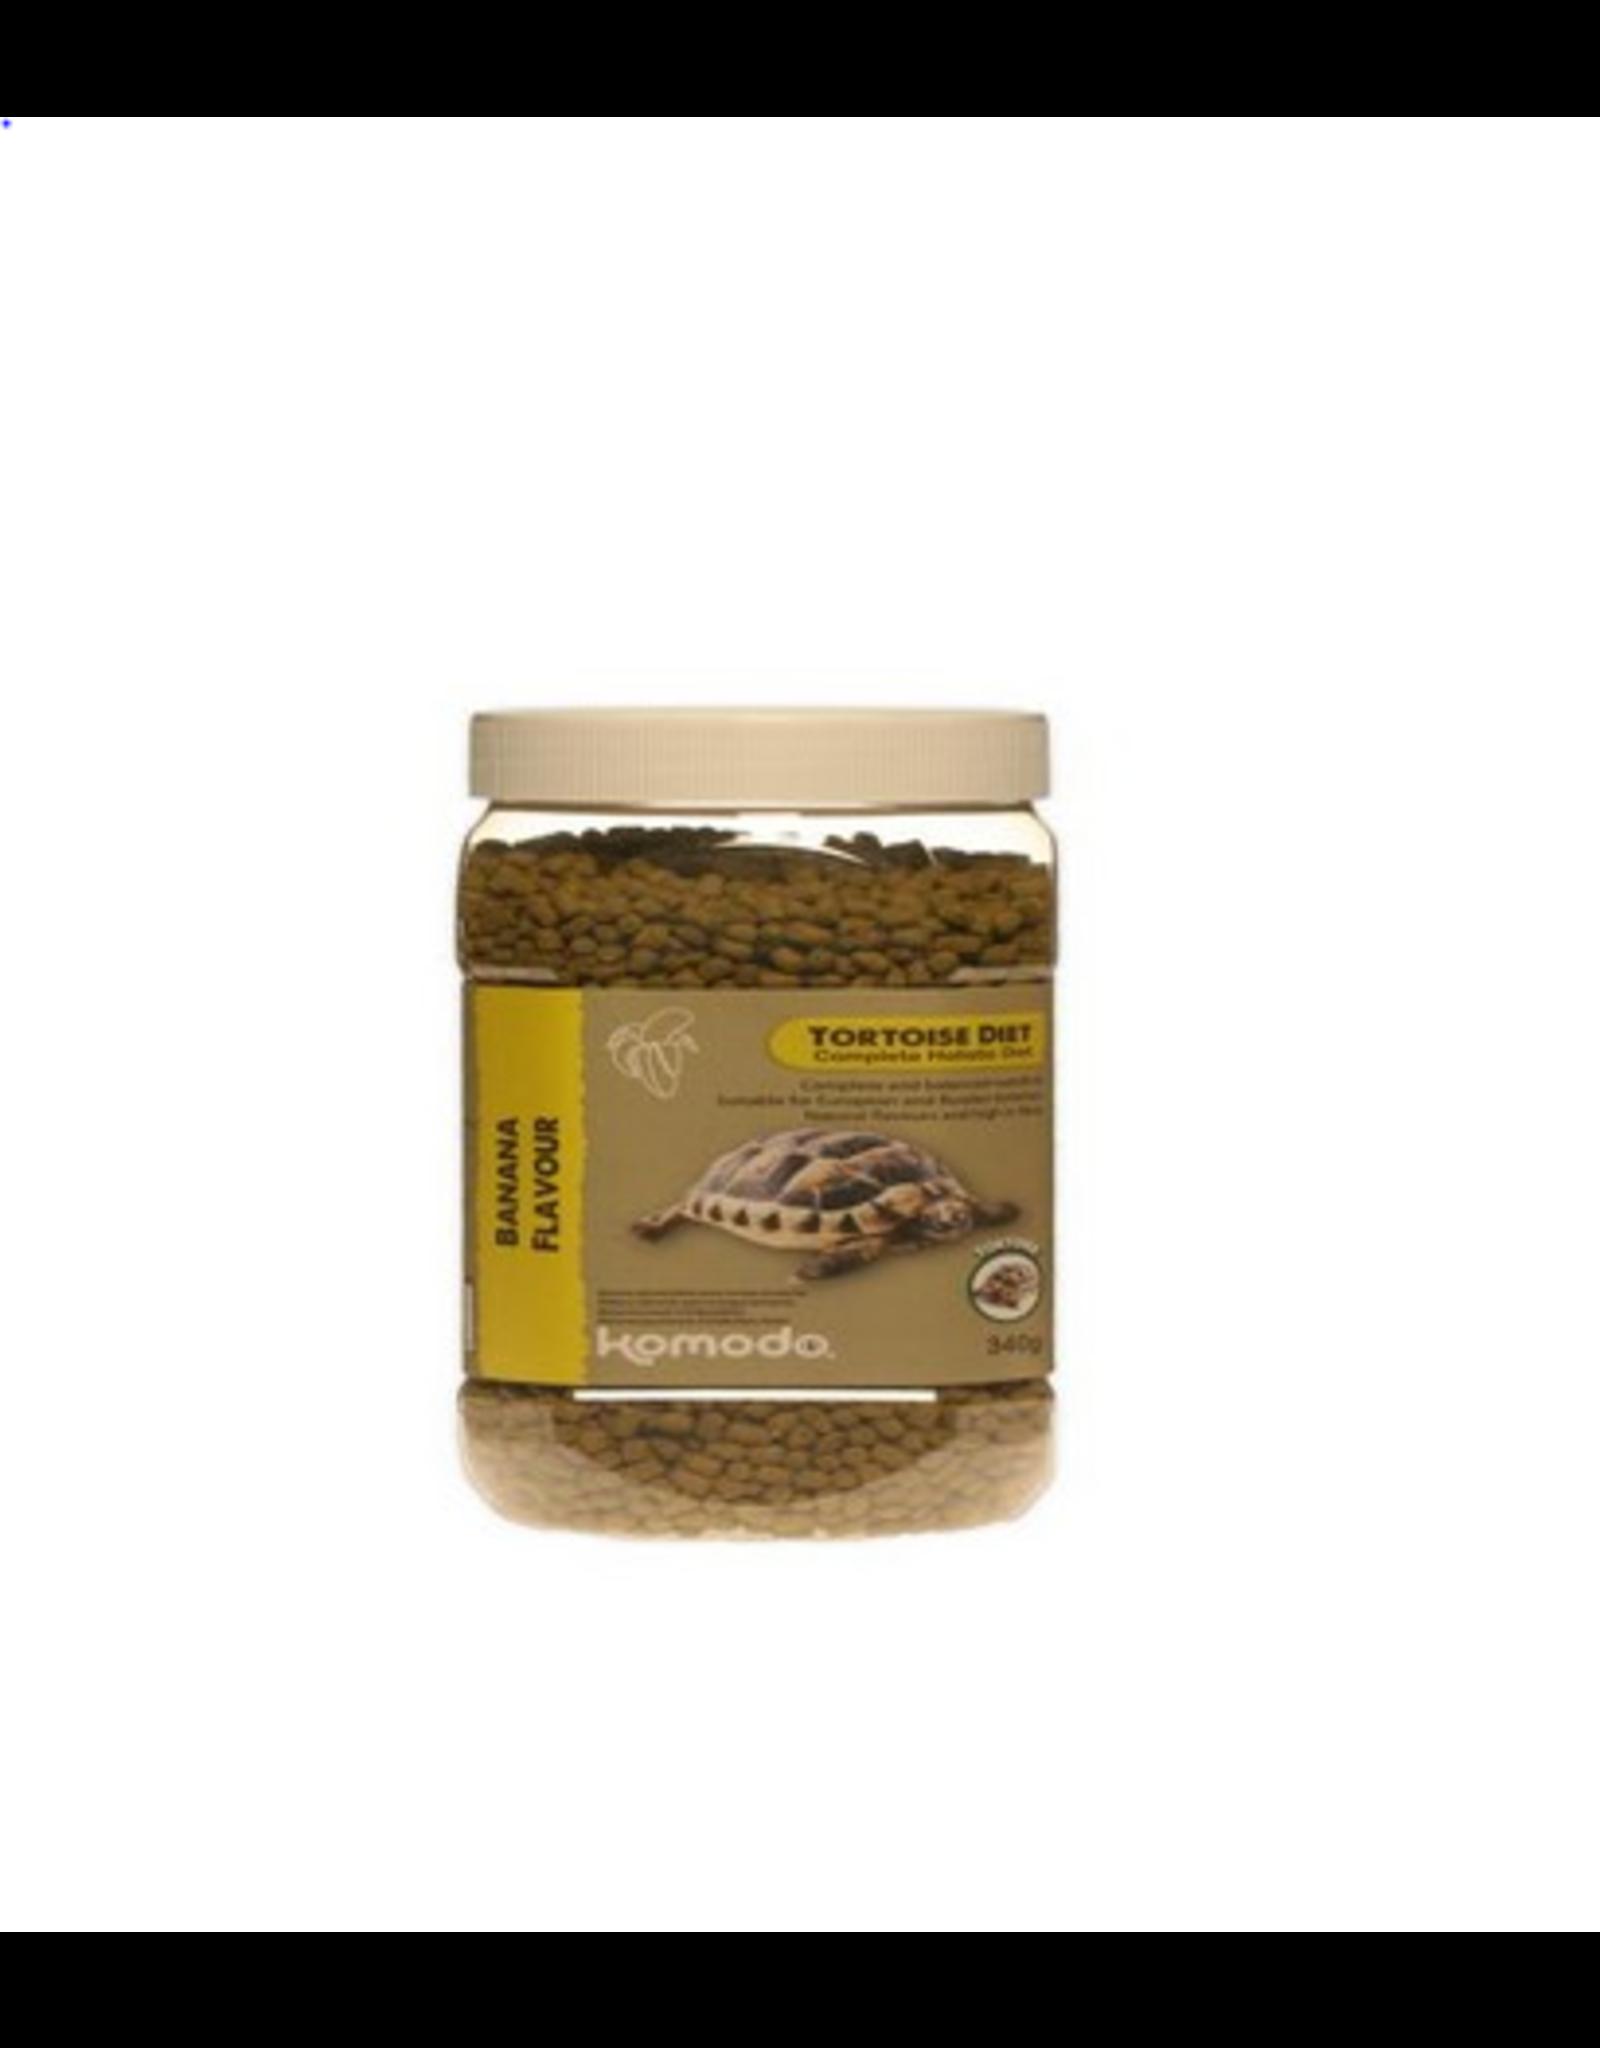 Komodo Komodo Tortoise Diet Banana